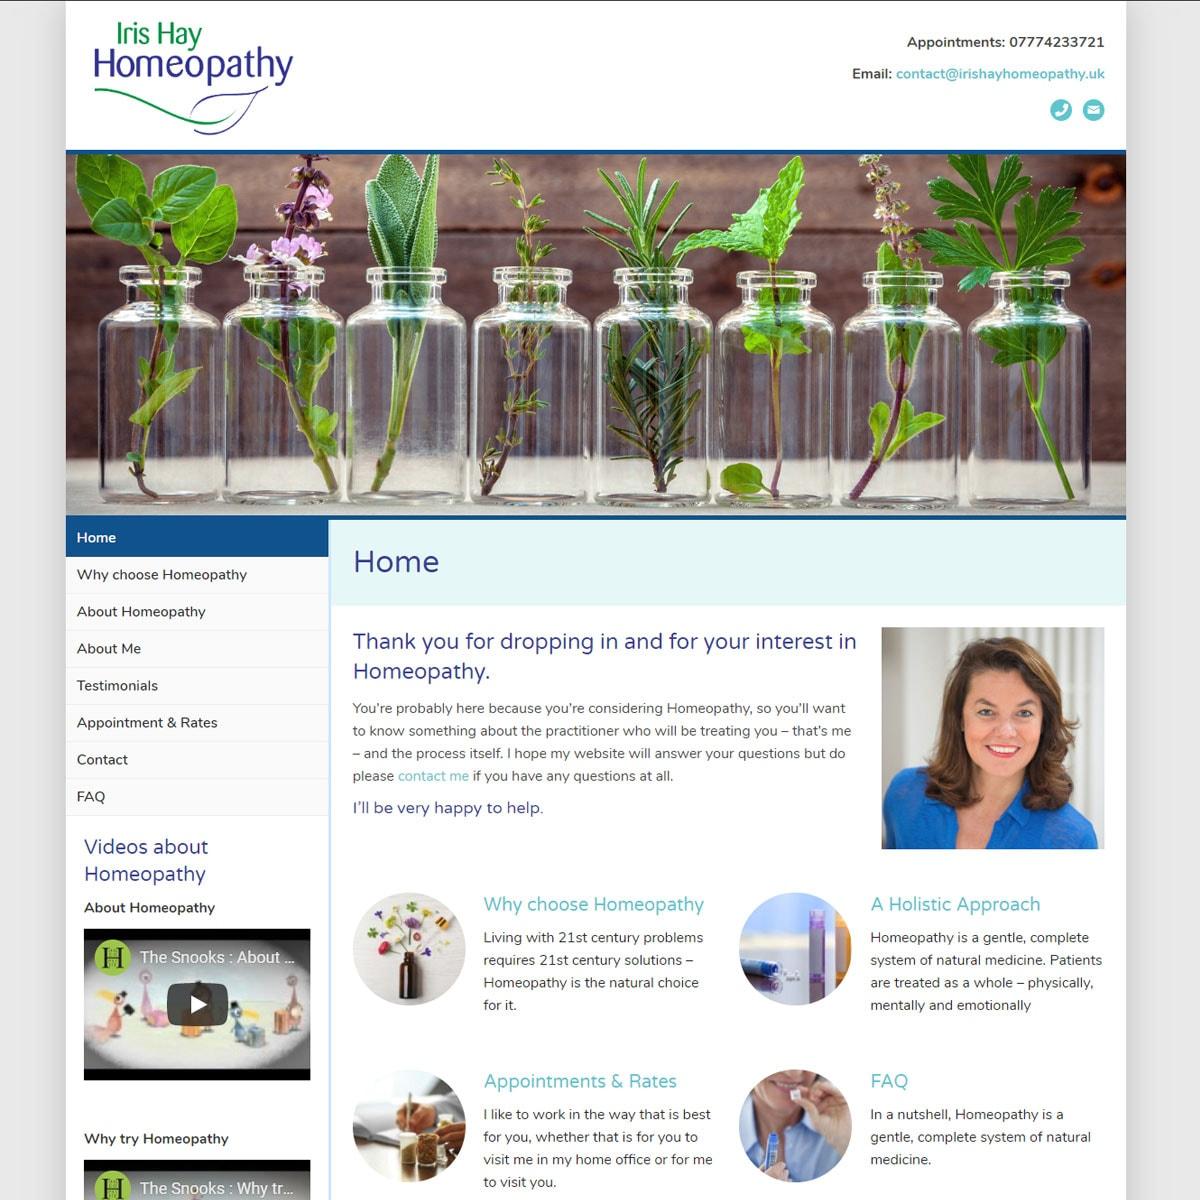 irishayhomeopathy